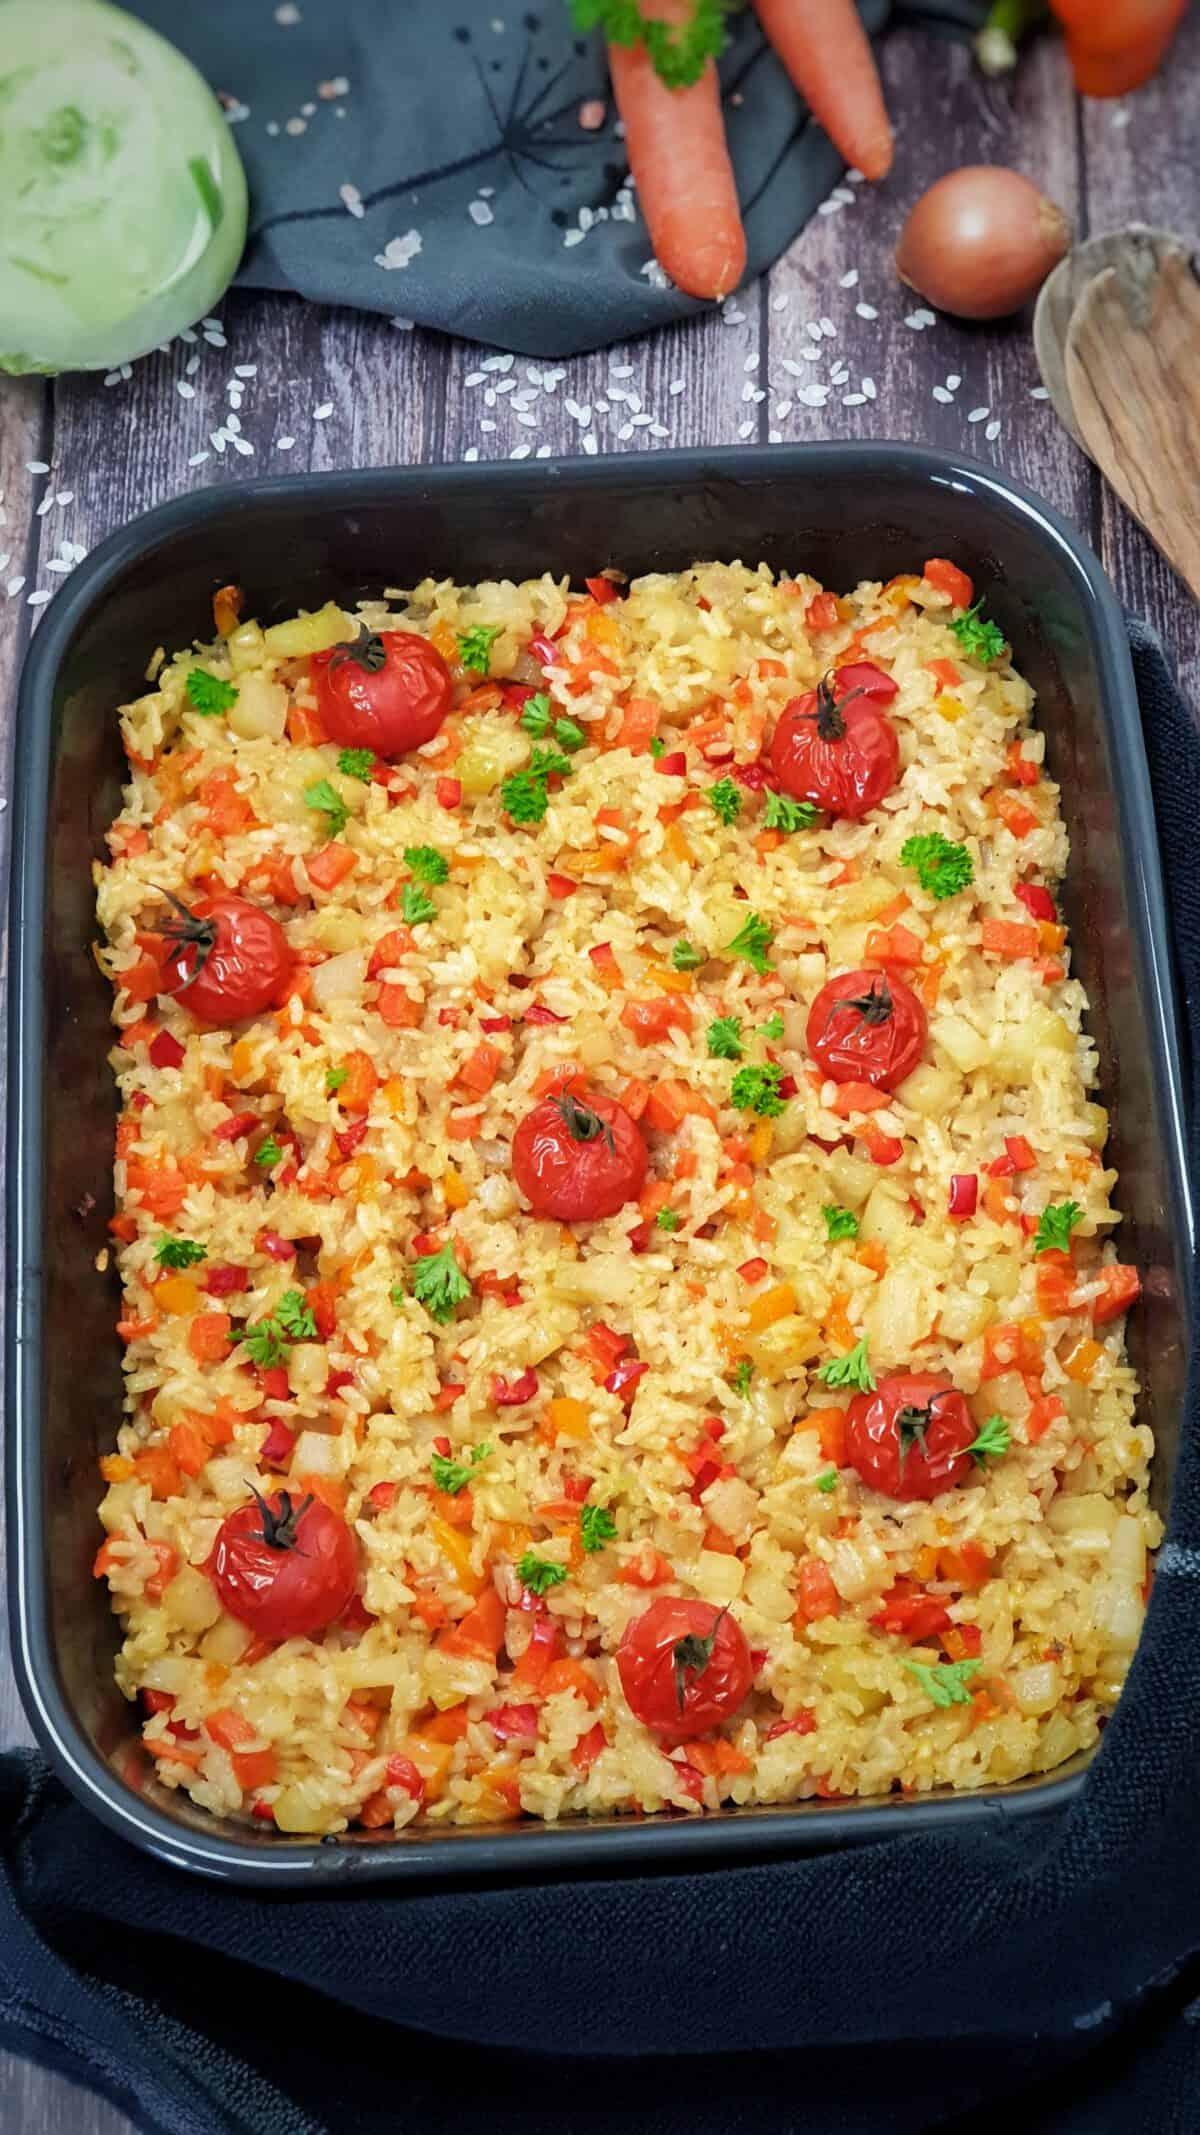 In einer dunklen Auflaufform Ofen-Risotto mit Gemüse und Tomaten, mit Petersilie bestreut.